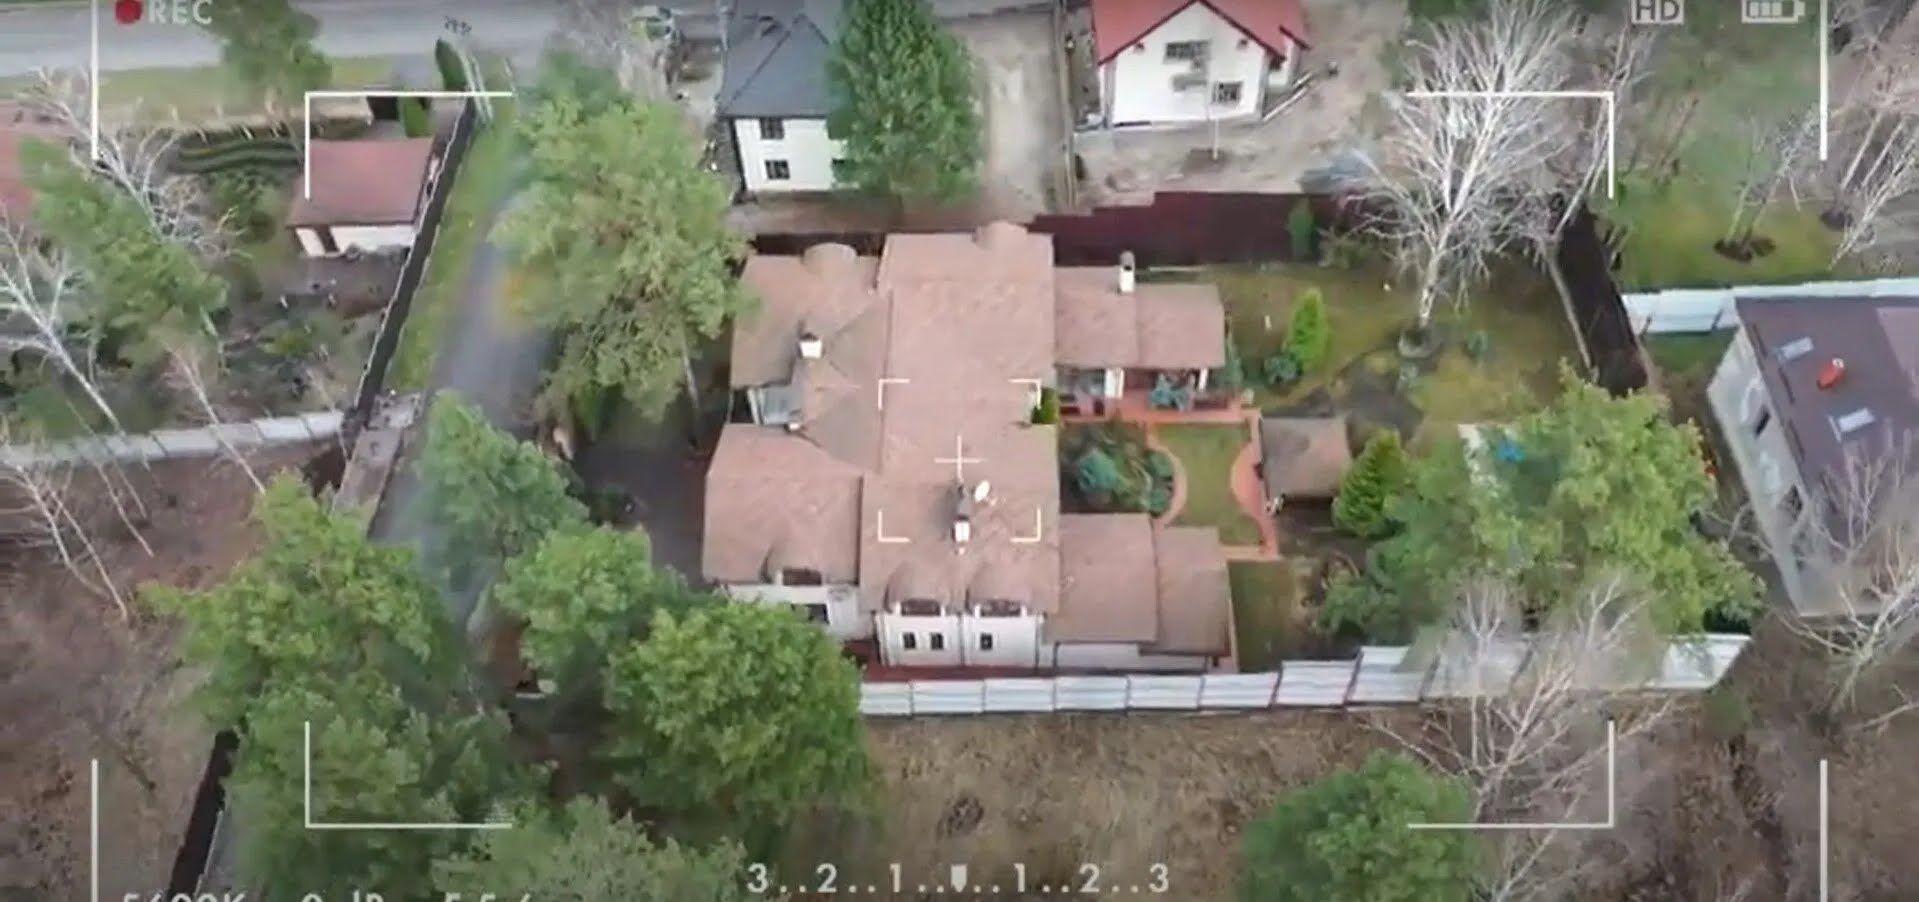 Як виглядає будинок Лободи зовні.